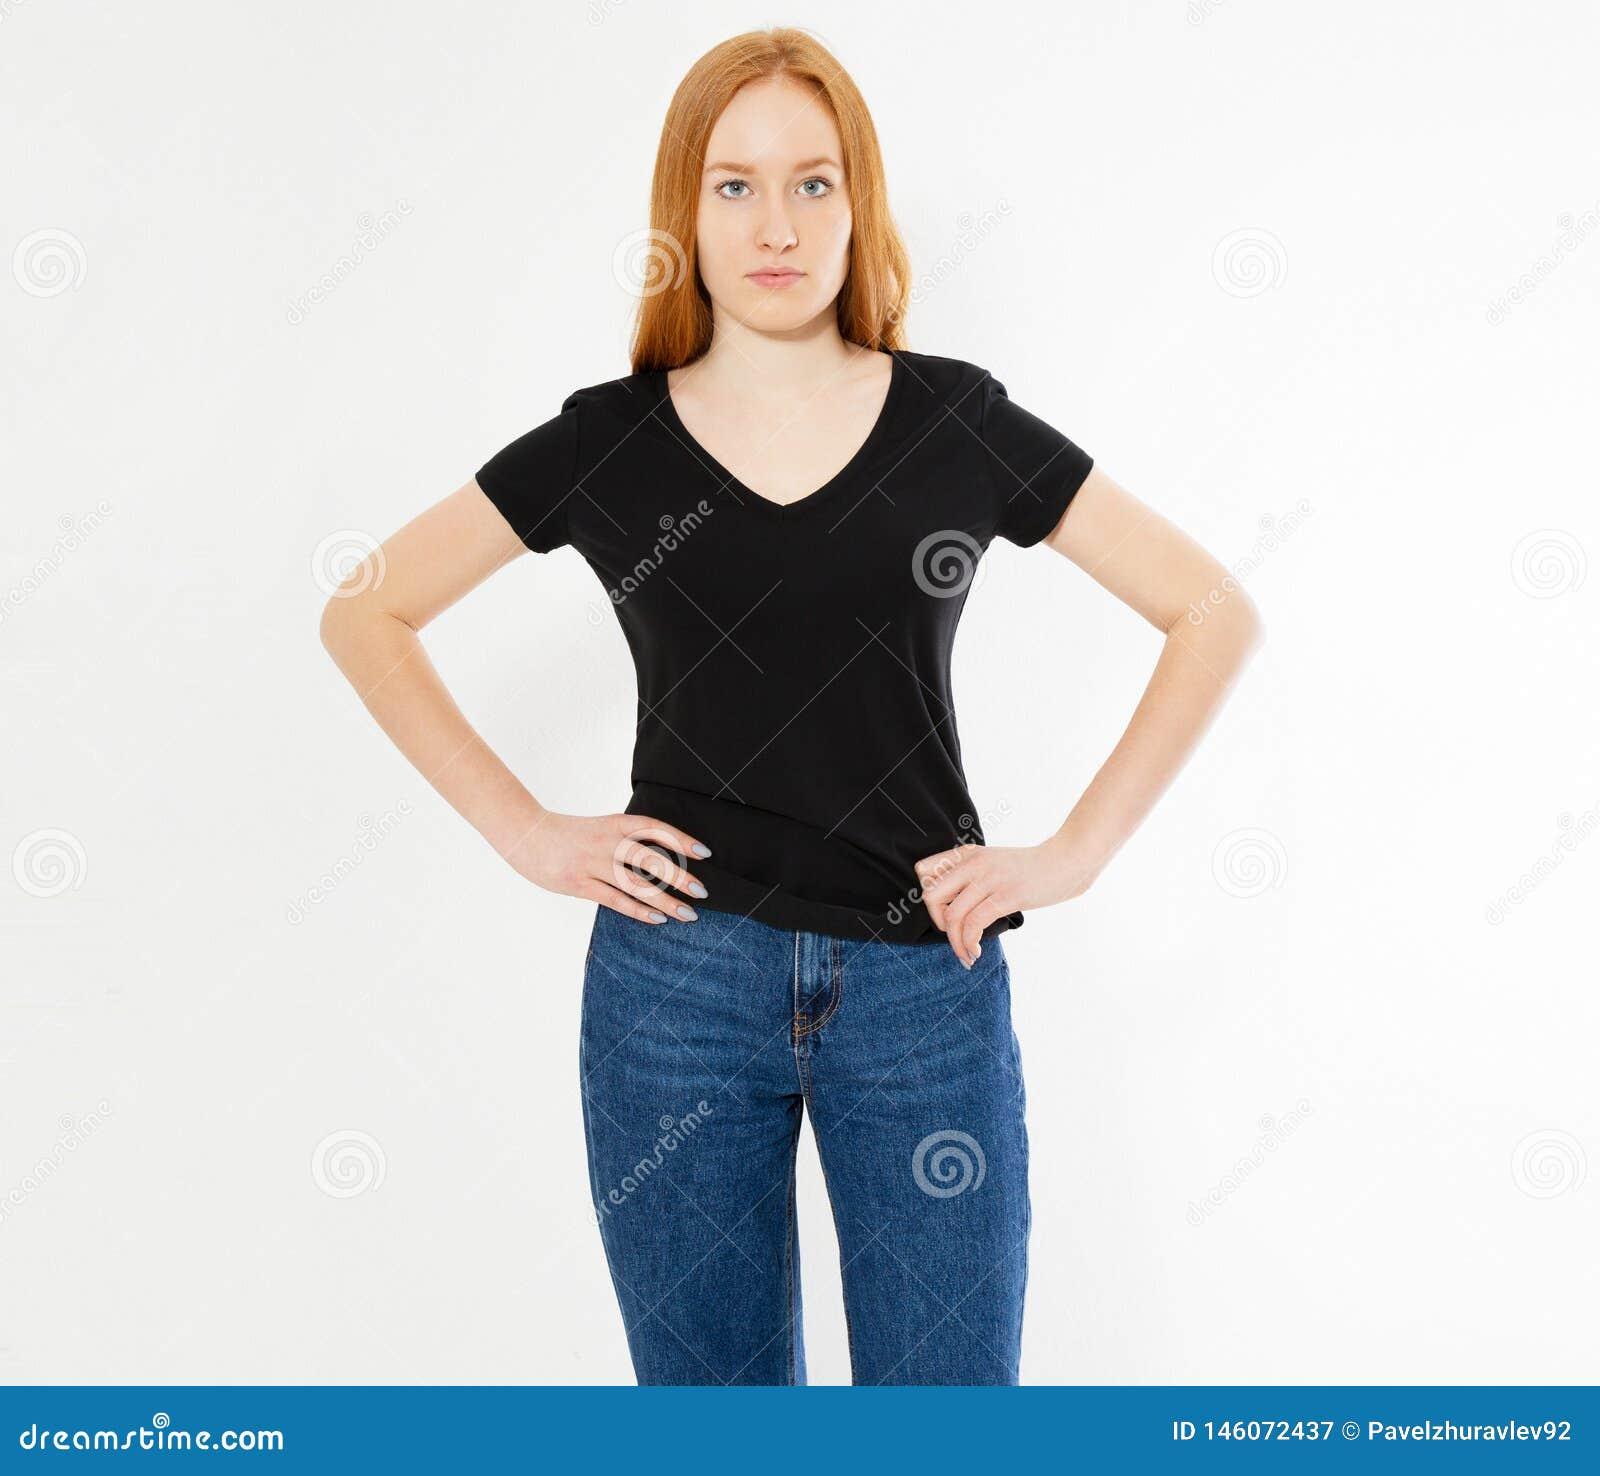 Σχέδιο μπλουζών, ευτυχής έννοια ανθρώπων - χαμογελώντας κόκκινη γυναίκα τρίχας στην κενή μαύρη μπλούζα που δείχνει τα δάχτυλά της